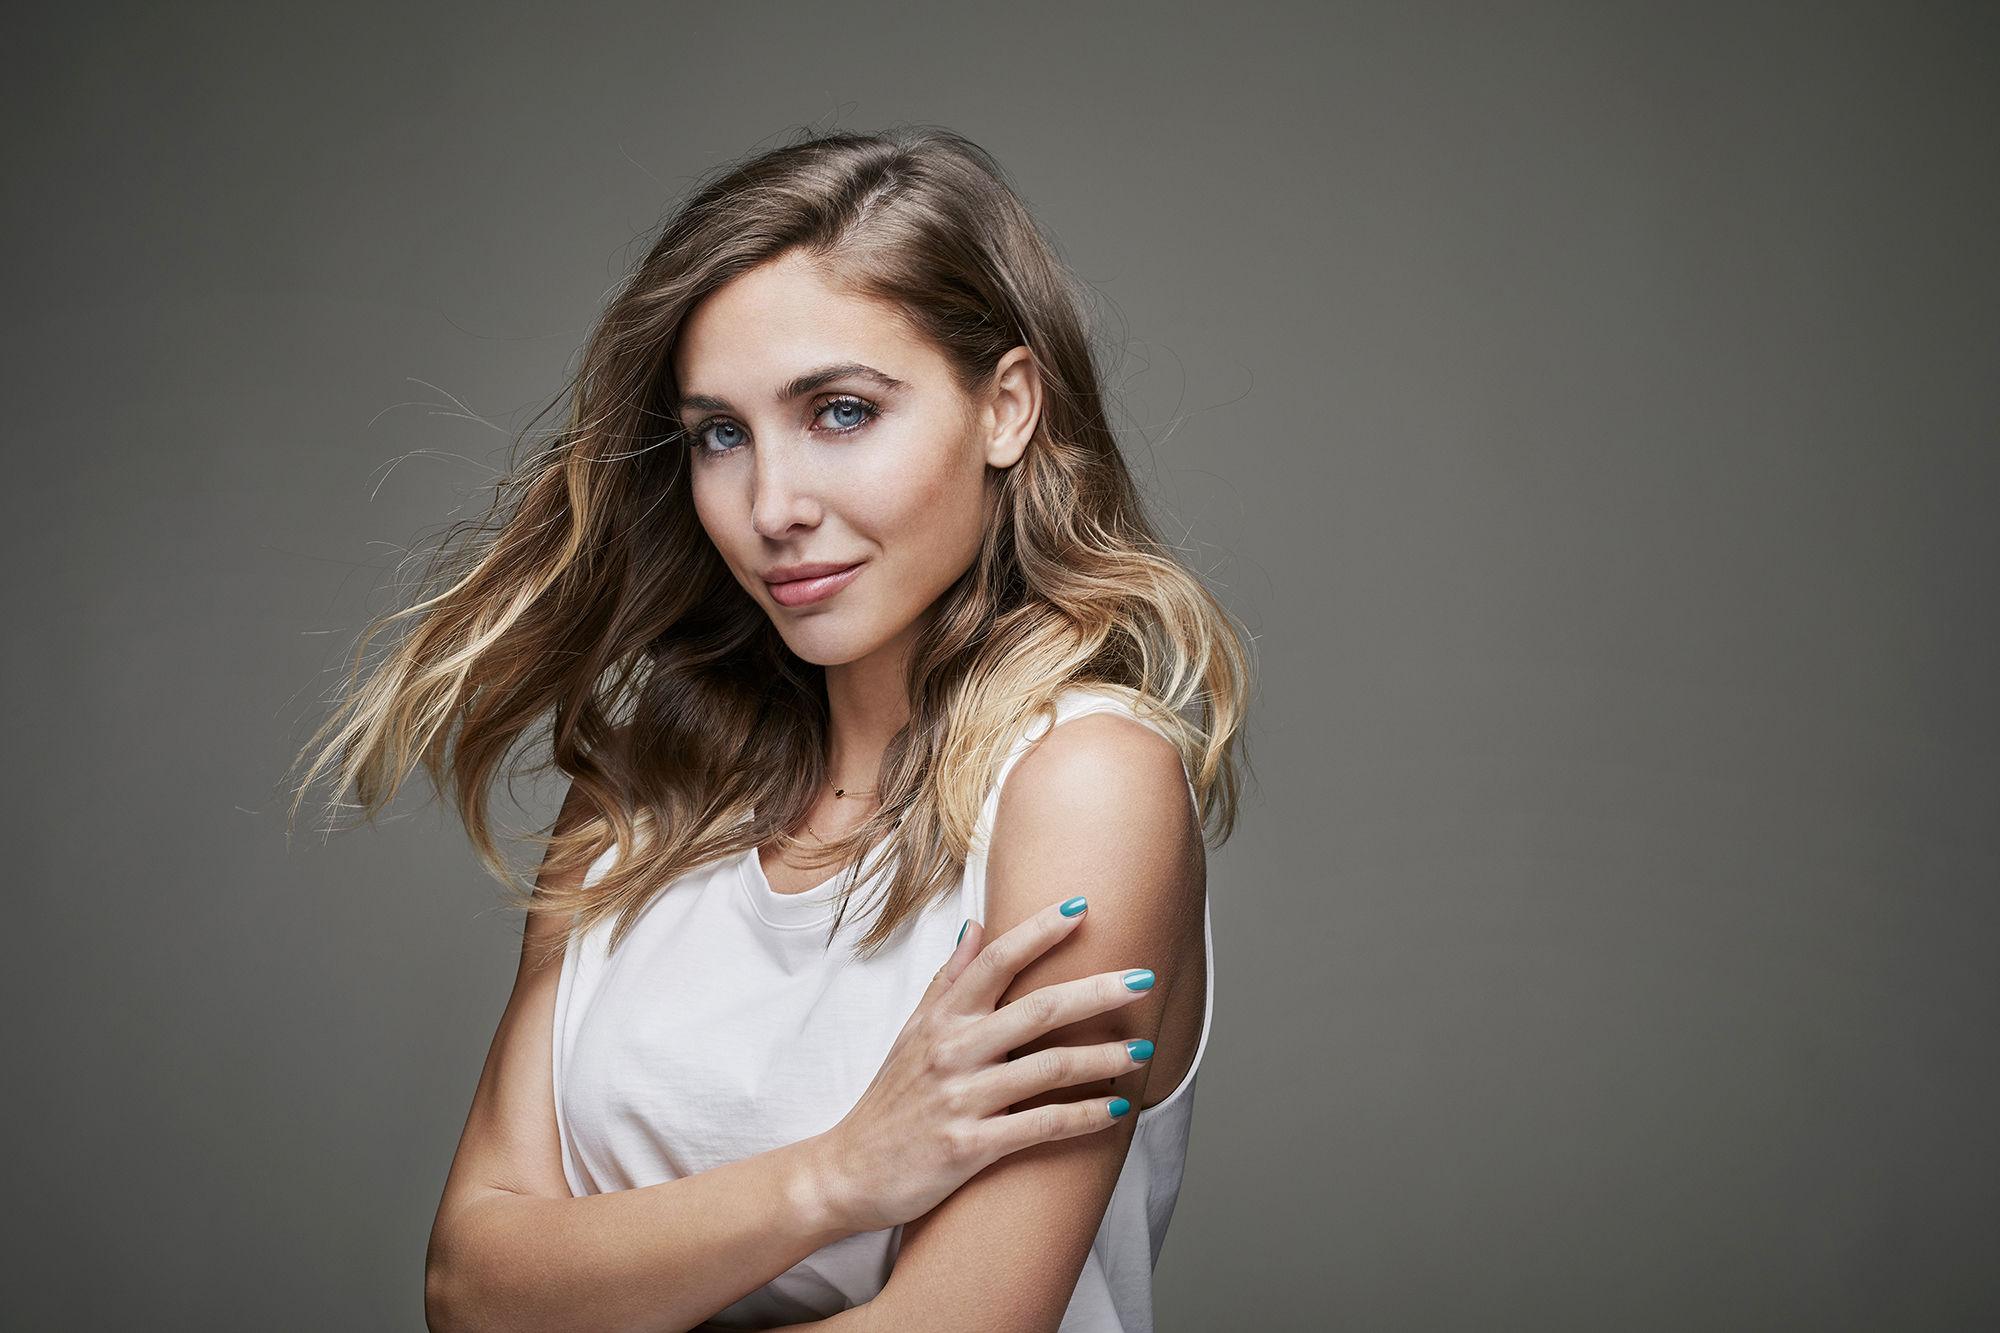 CHRISTA KLUBERT PHOTOGRAPHERS: DENIS IGNATOV FOR MEN´S AND WOMEN´S HEALTH